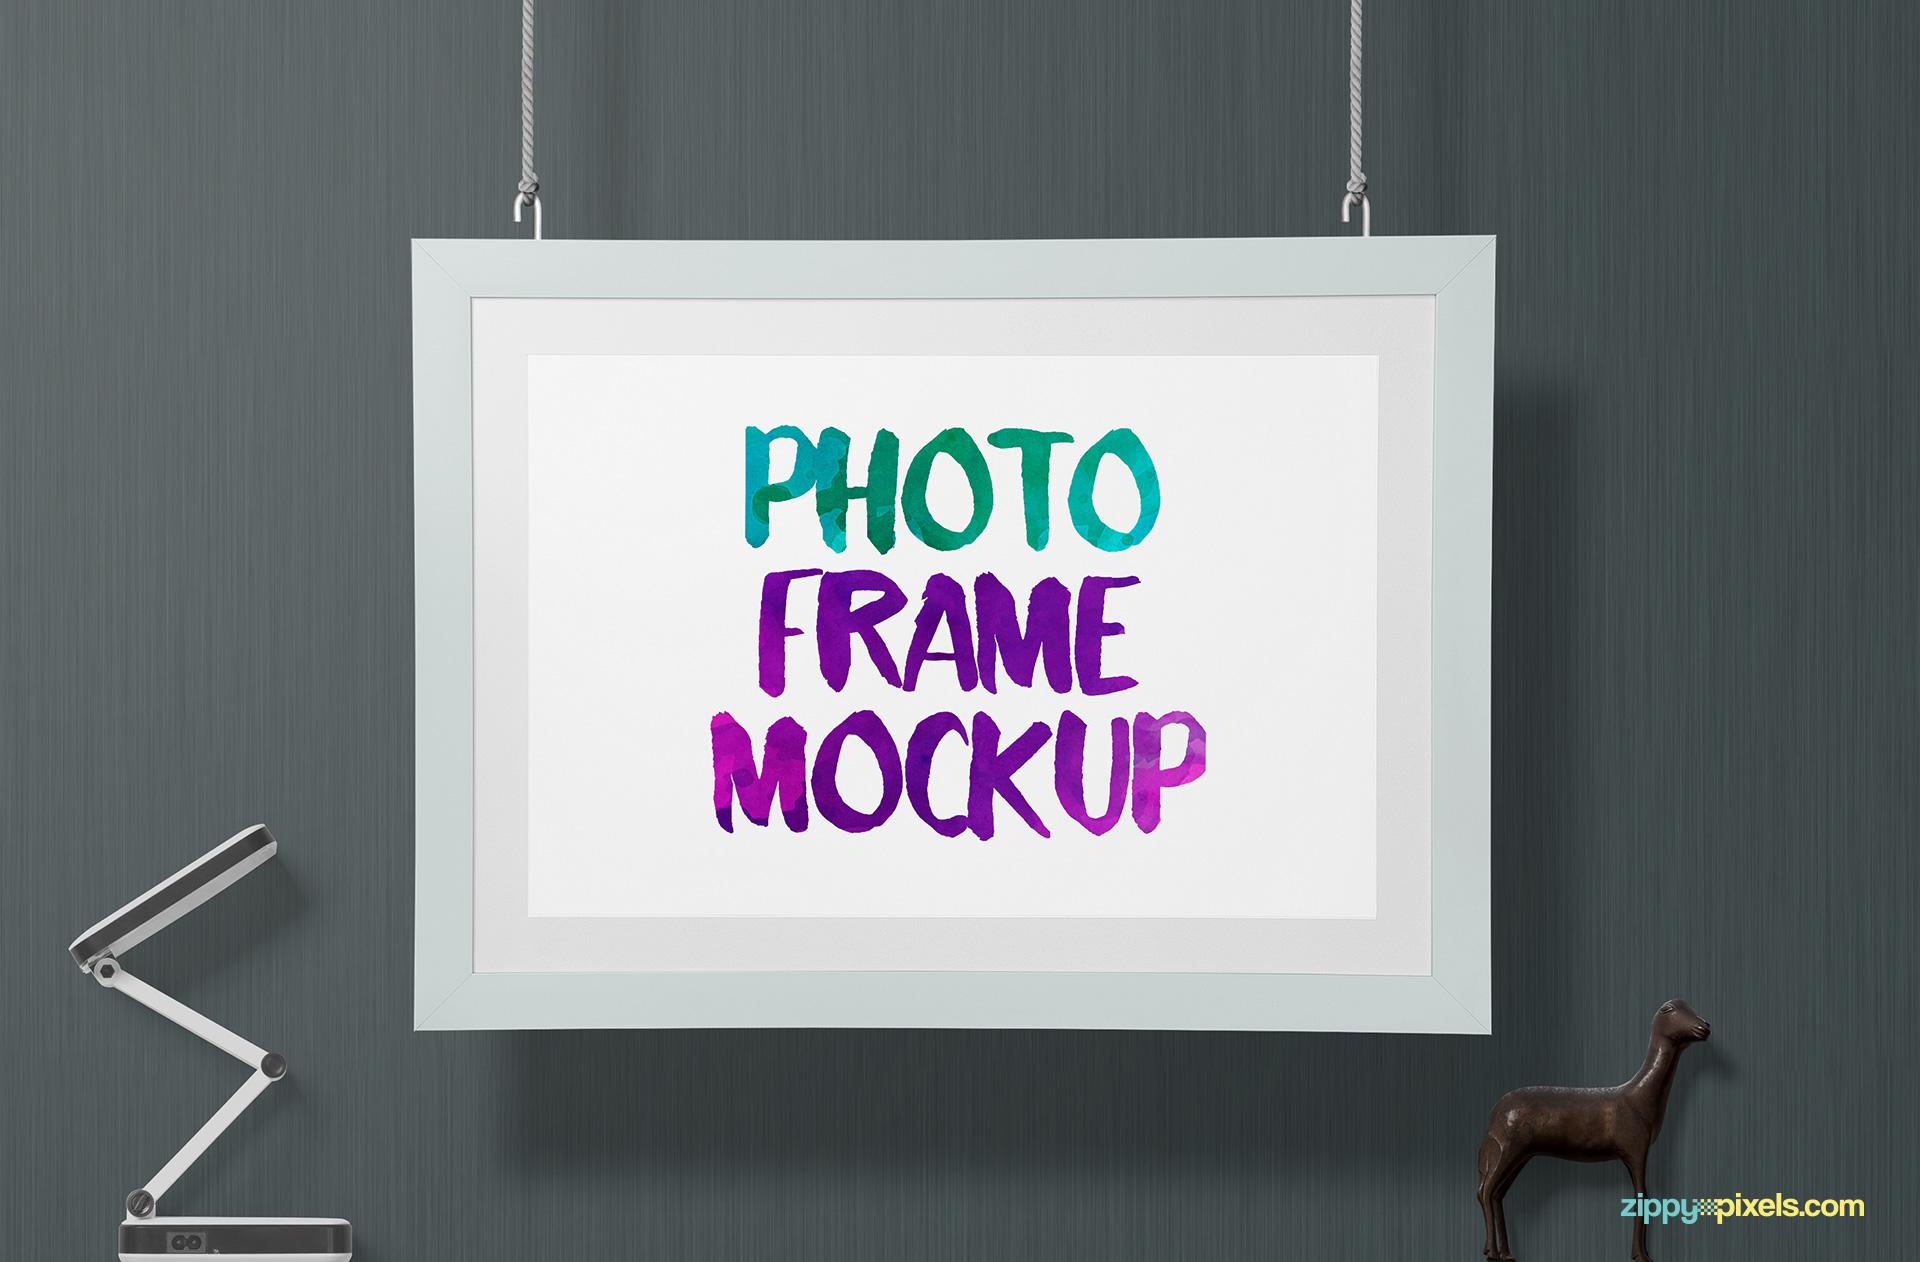 Free photo frame mockup PSD.